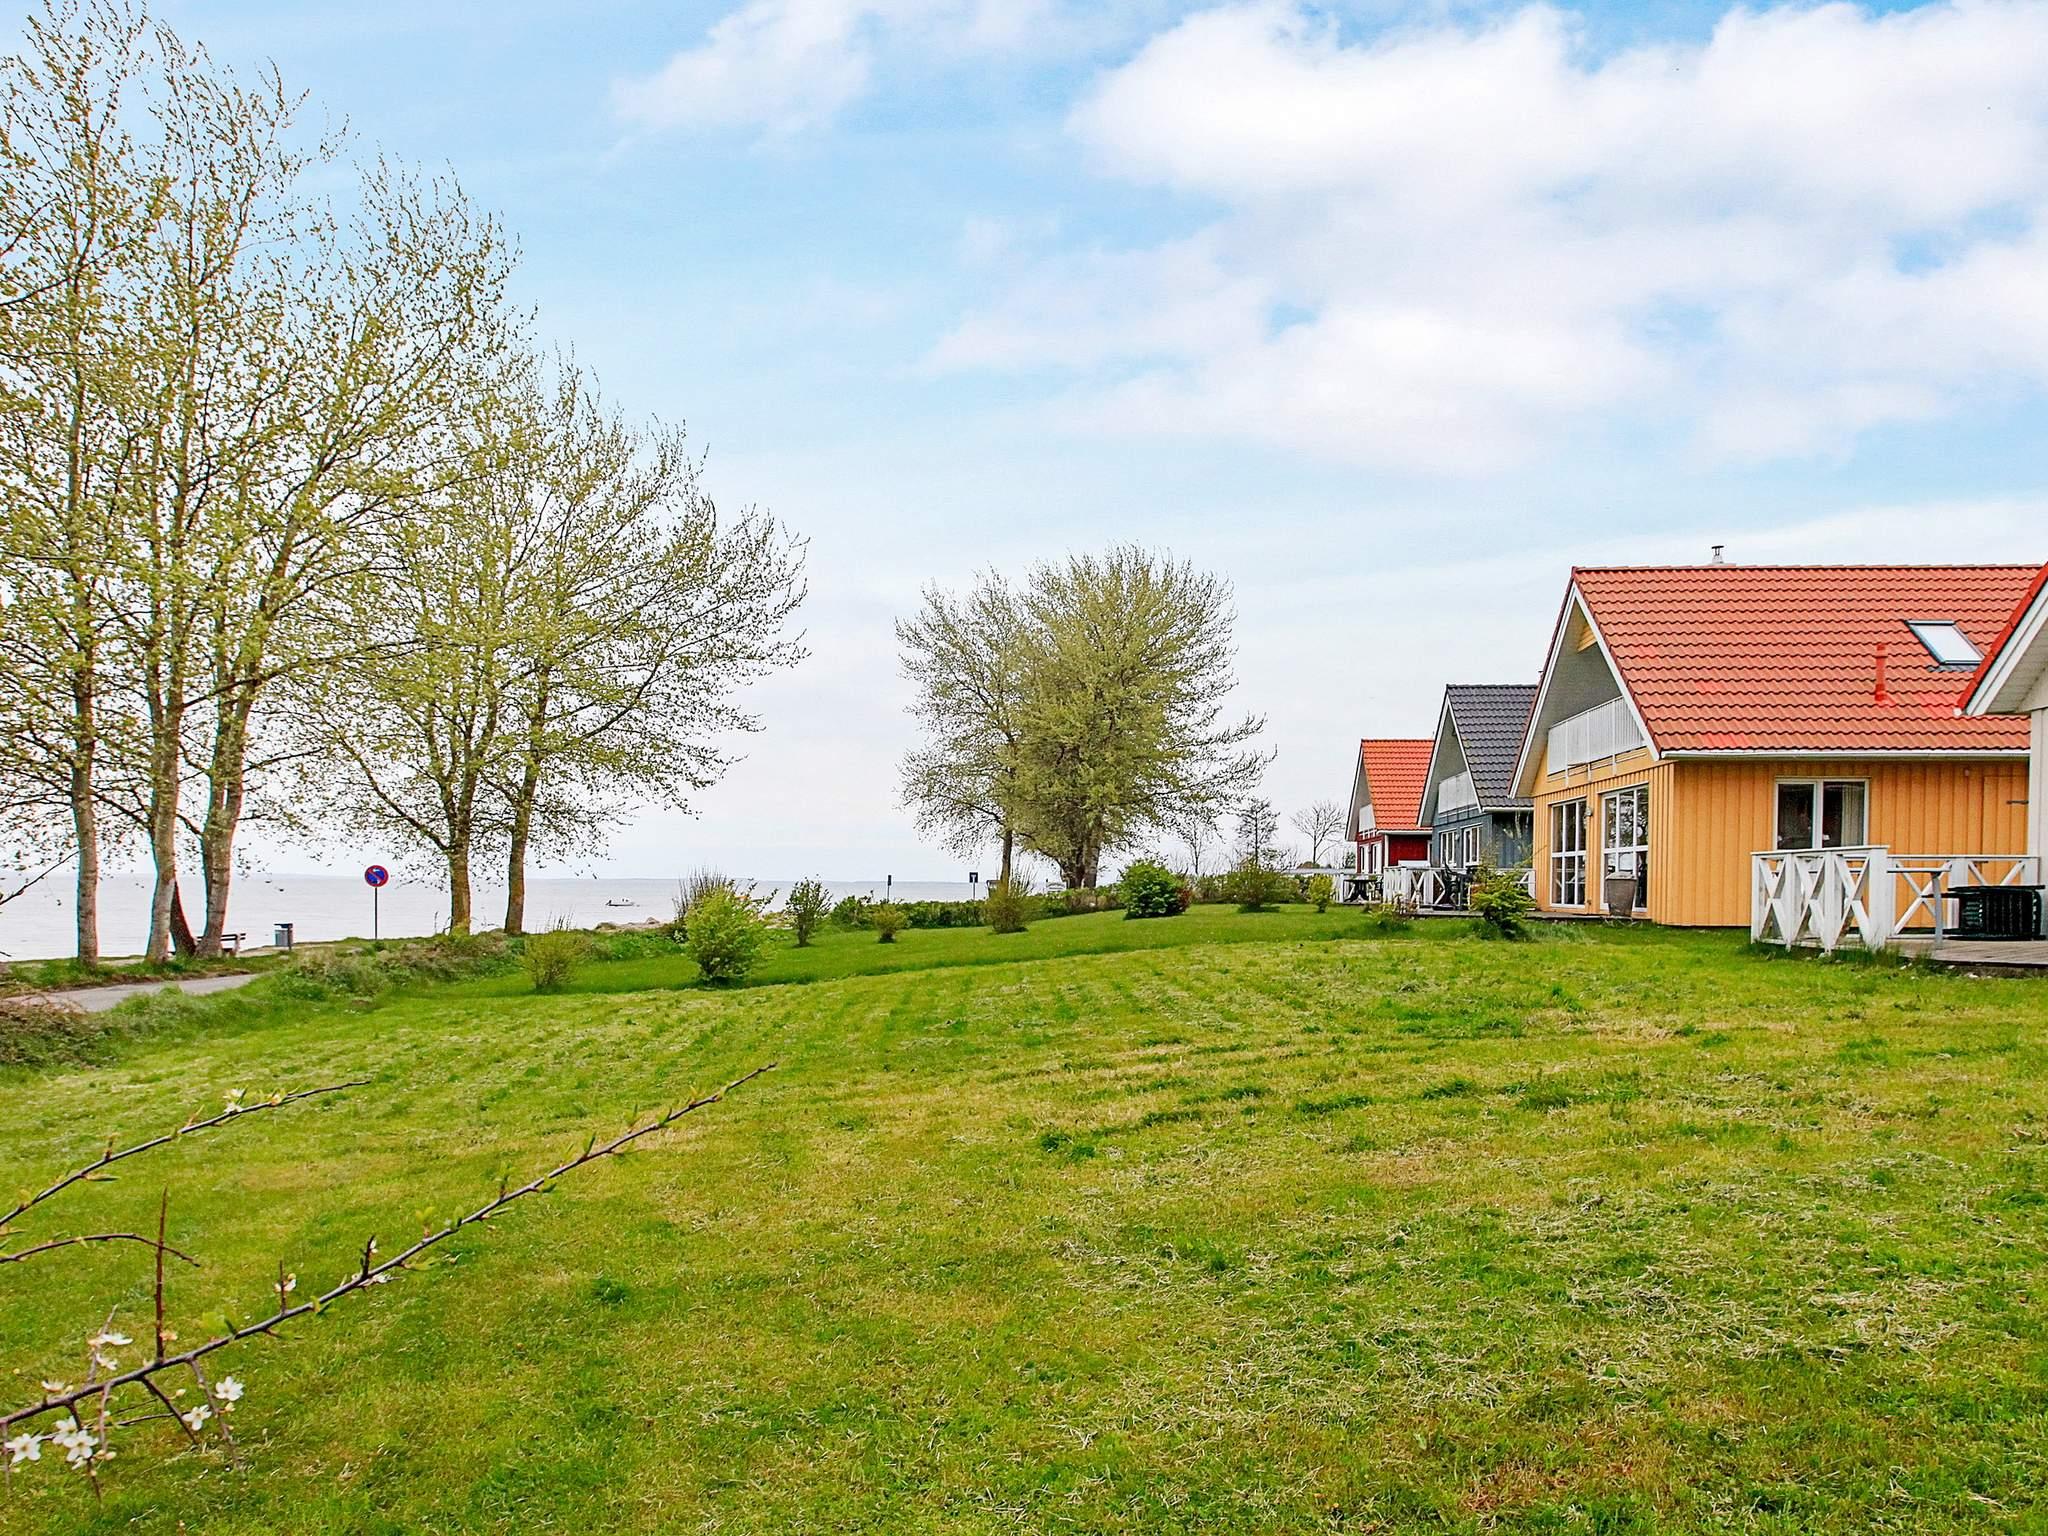 Ferienhaus Gelting (135794), Gelting, Geltinger Bucht, Schleswig-Holstein, Deutschland, Bild 18